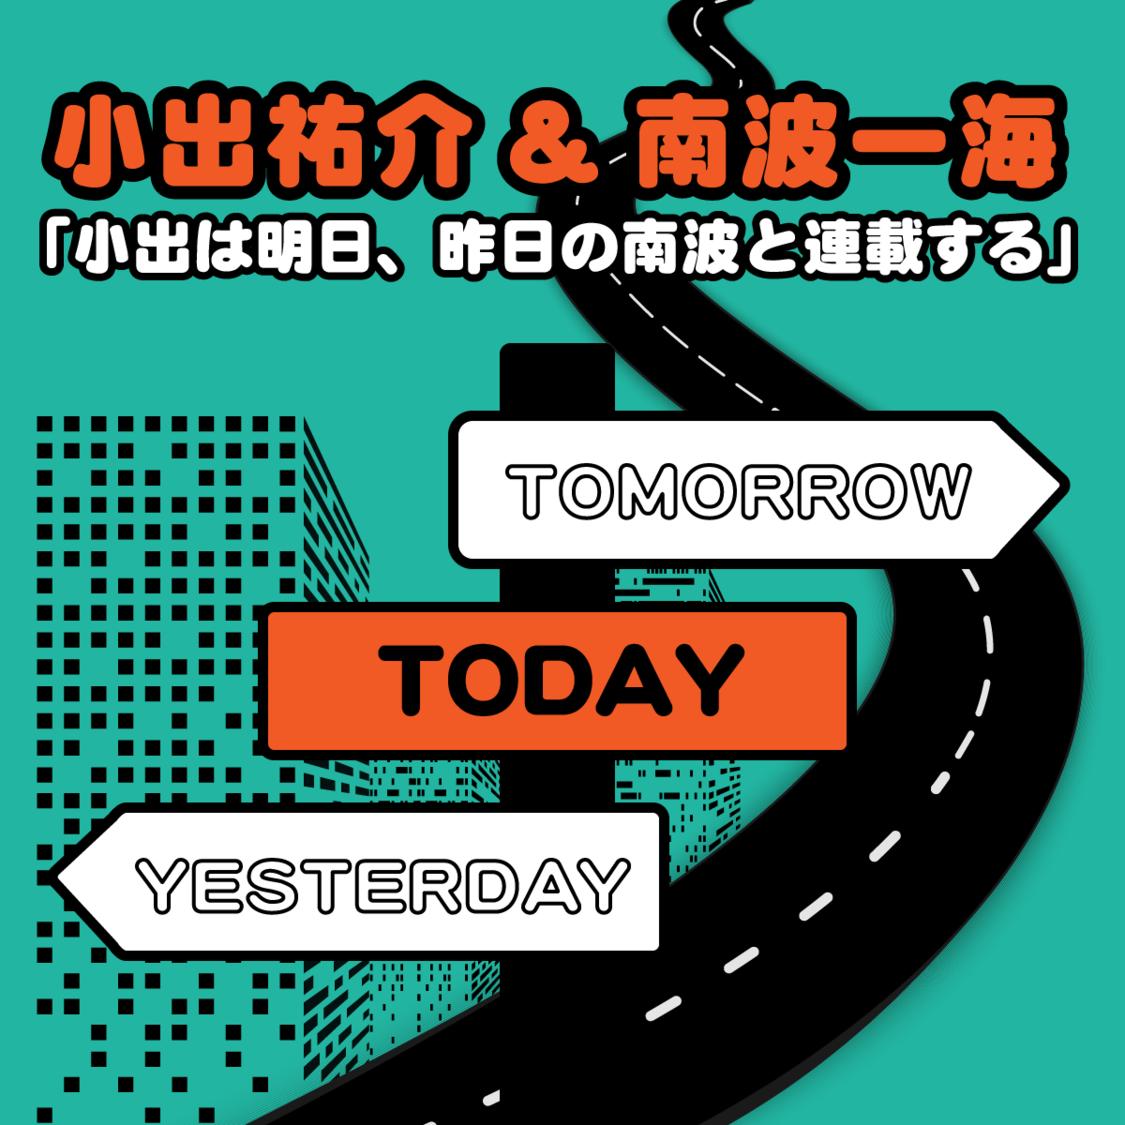 第15回:久々のつんく♂ワークス〜小出祐介&南波一海「小出は明日、昨日の南波と連載する」〜